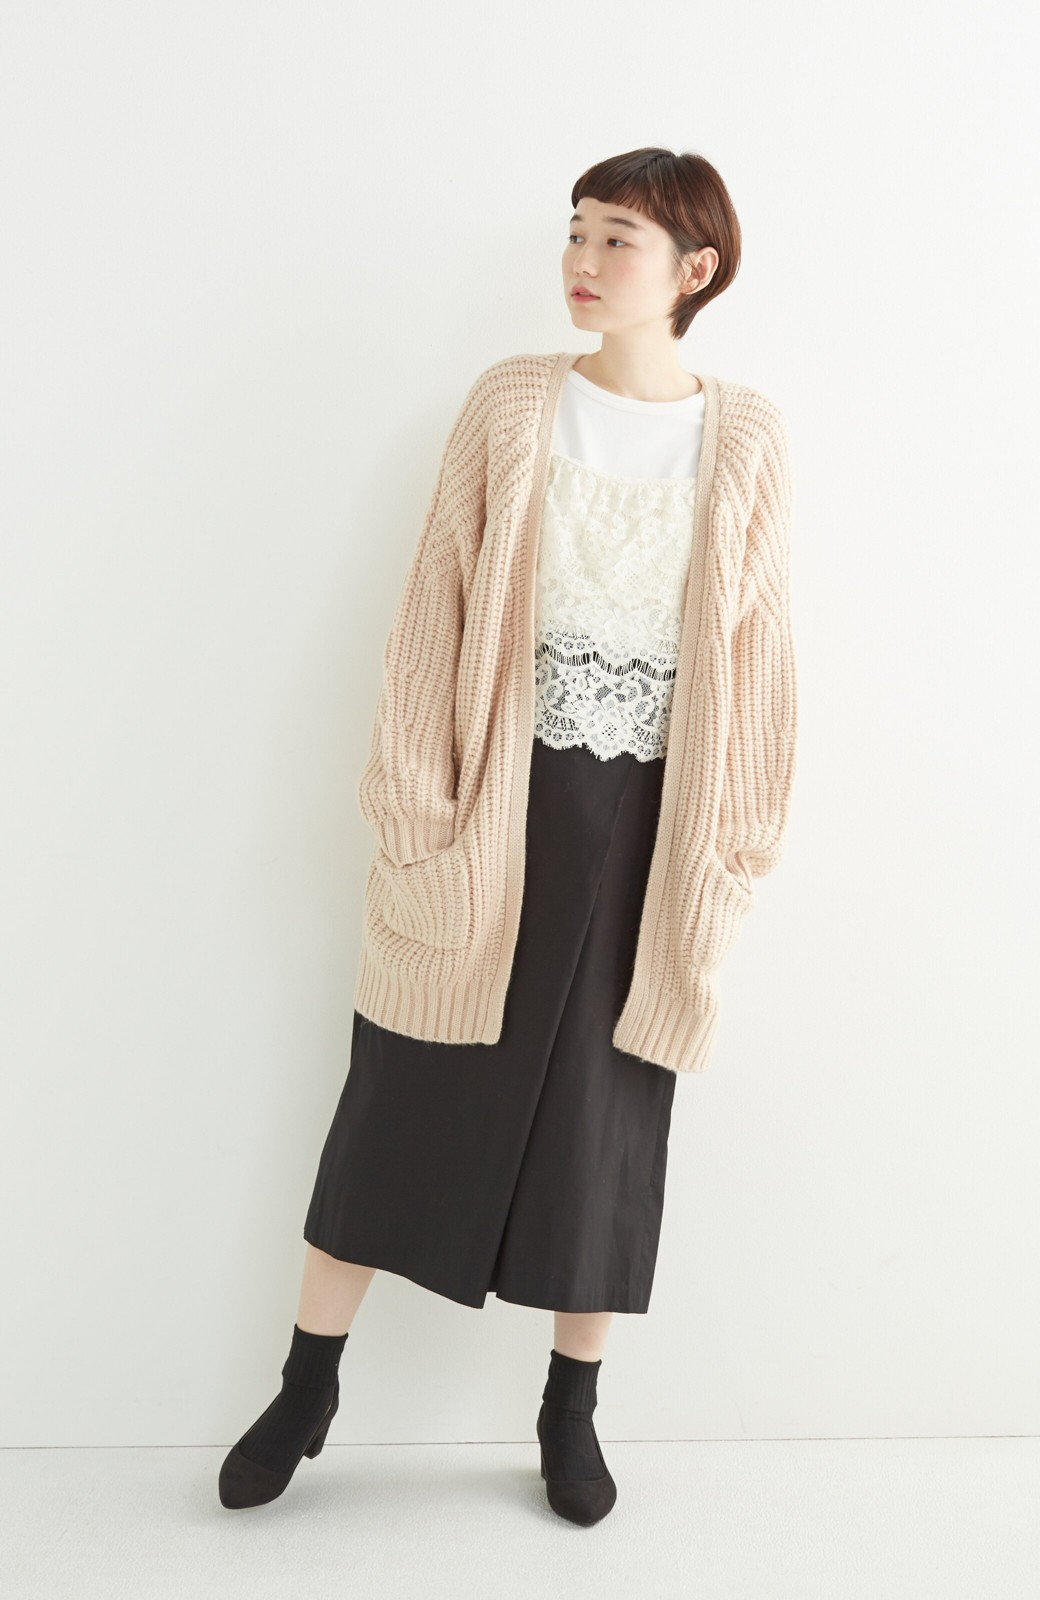 エムトロワ ぱっと羽織るのに便利なざっくり編みカーディガン <ライトベージュ>の商品写真3